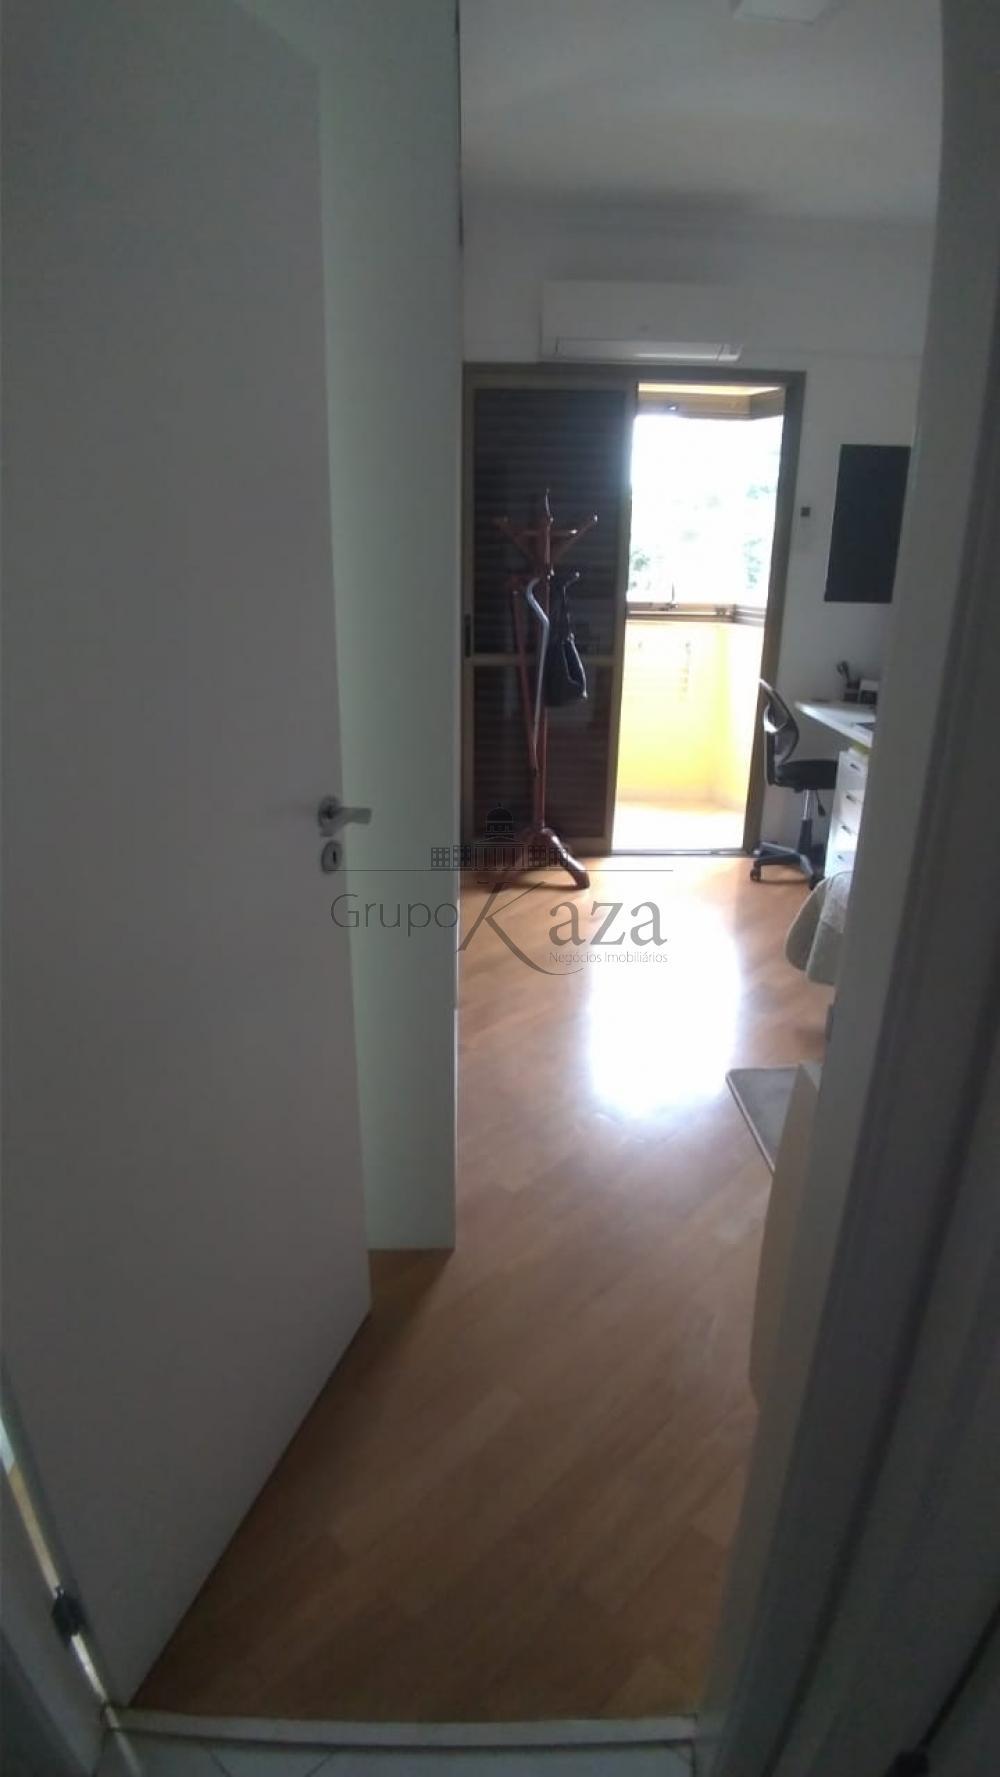 alt='Comprar Apartamento / Padrão em São José dos Campos R$ 930.000,00 - Foto 19' title='Comprar Apartamento / Padrão em São José dos Campos R$ 930.000,00 - Foto 19'